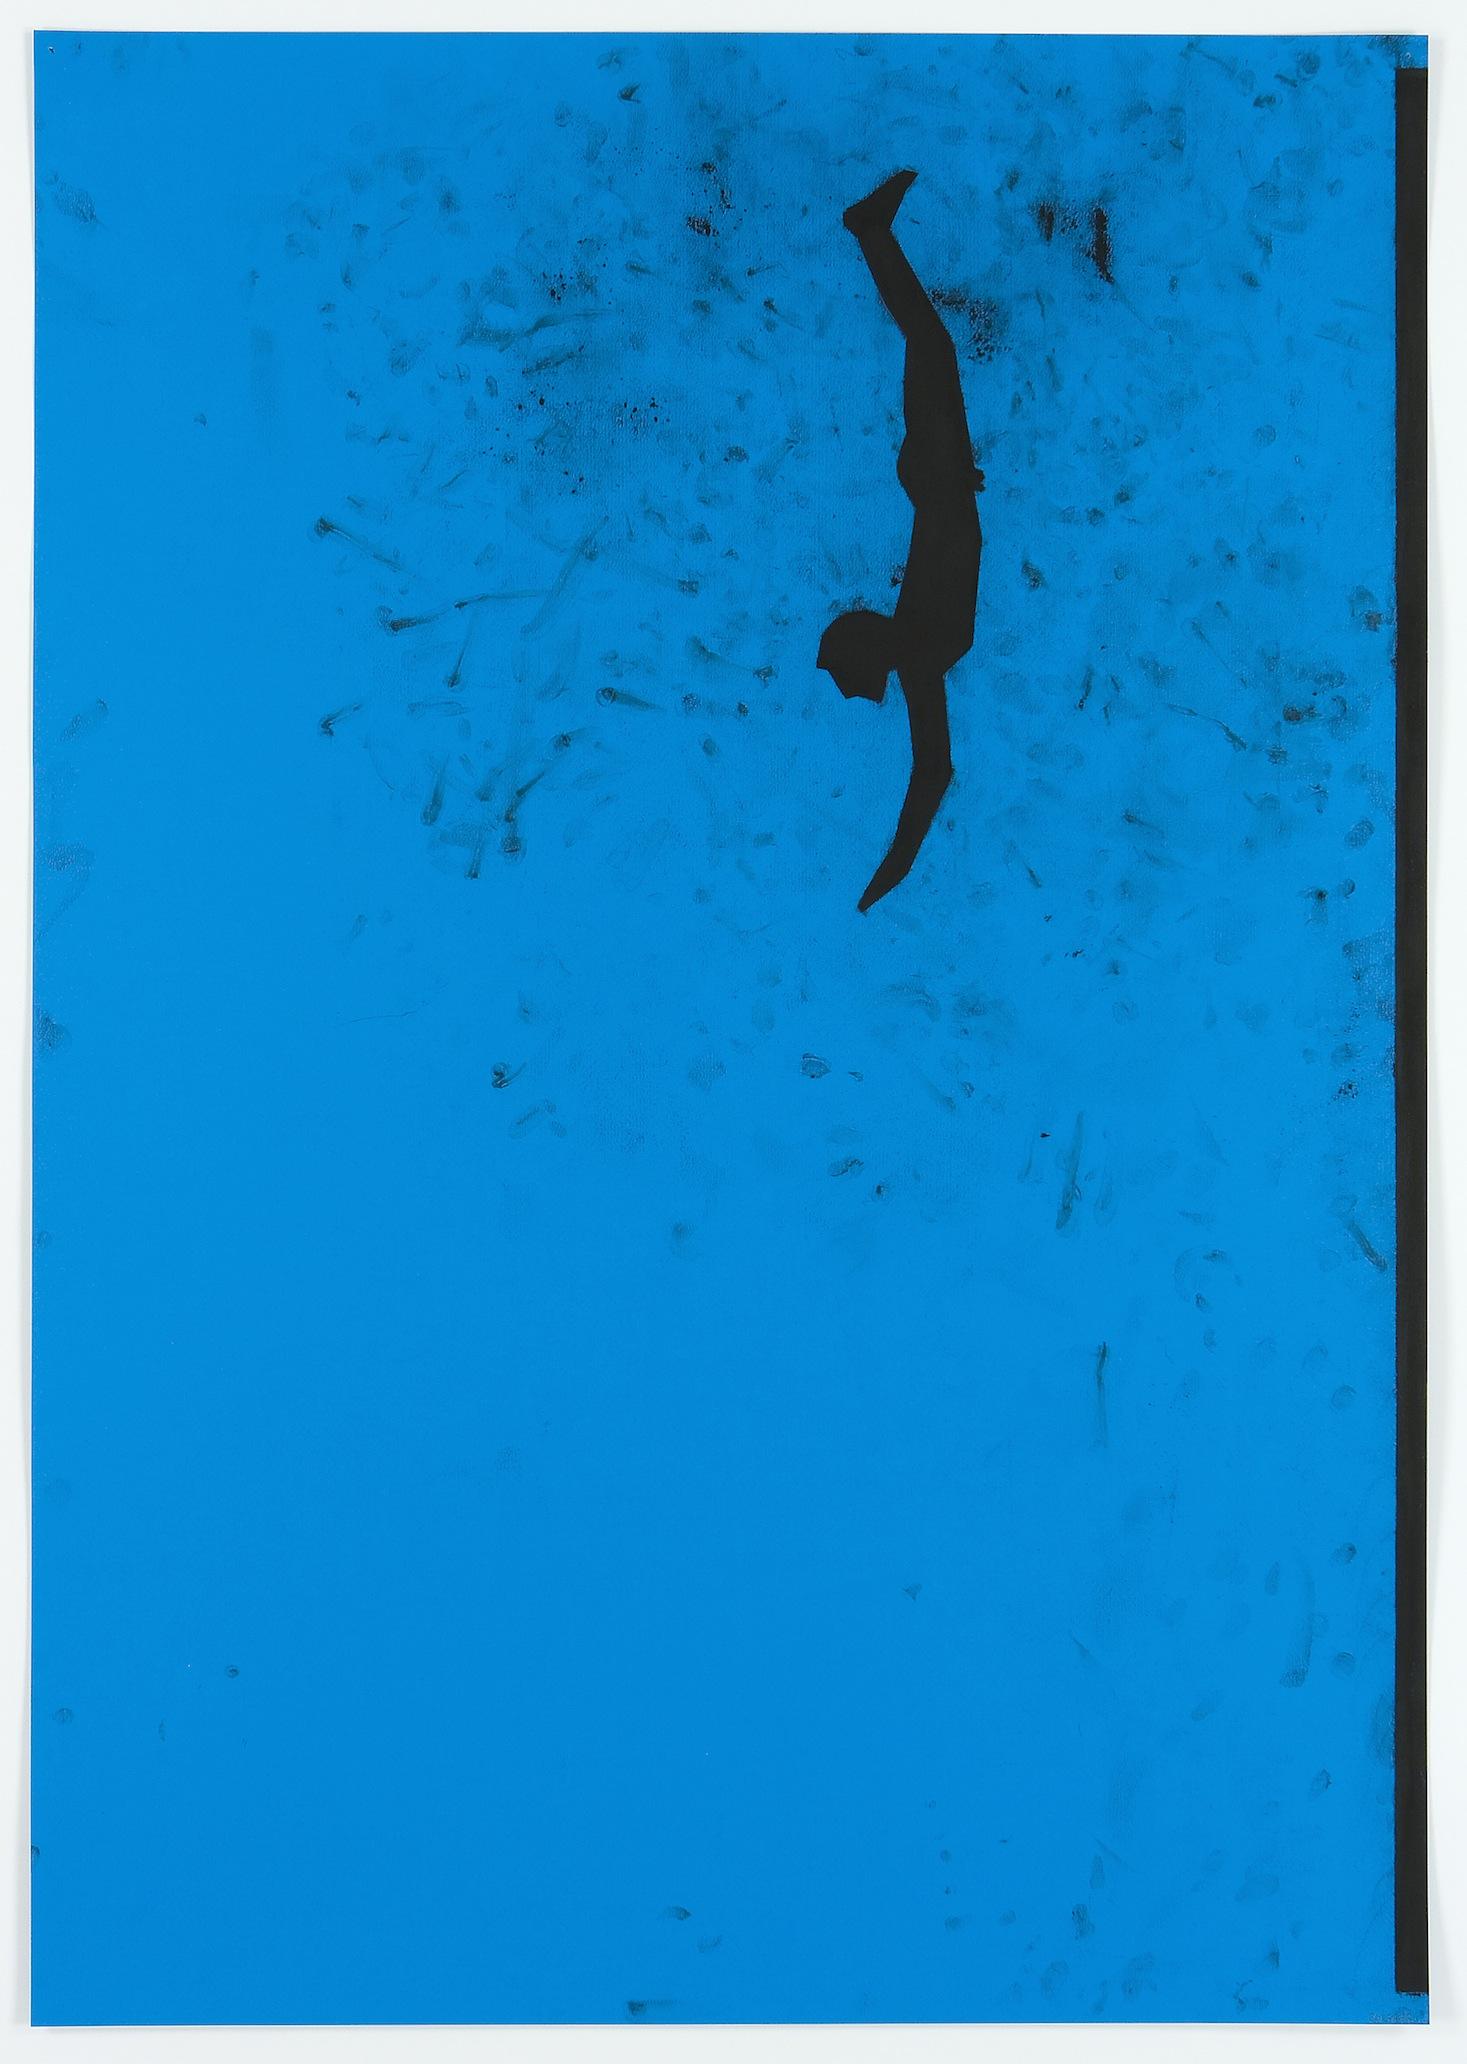 Robert Moskowitz, Diver, 2002